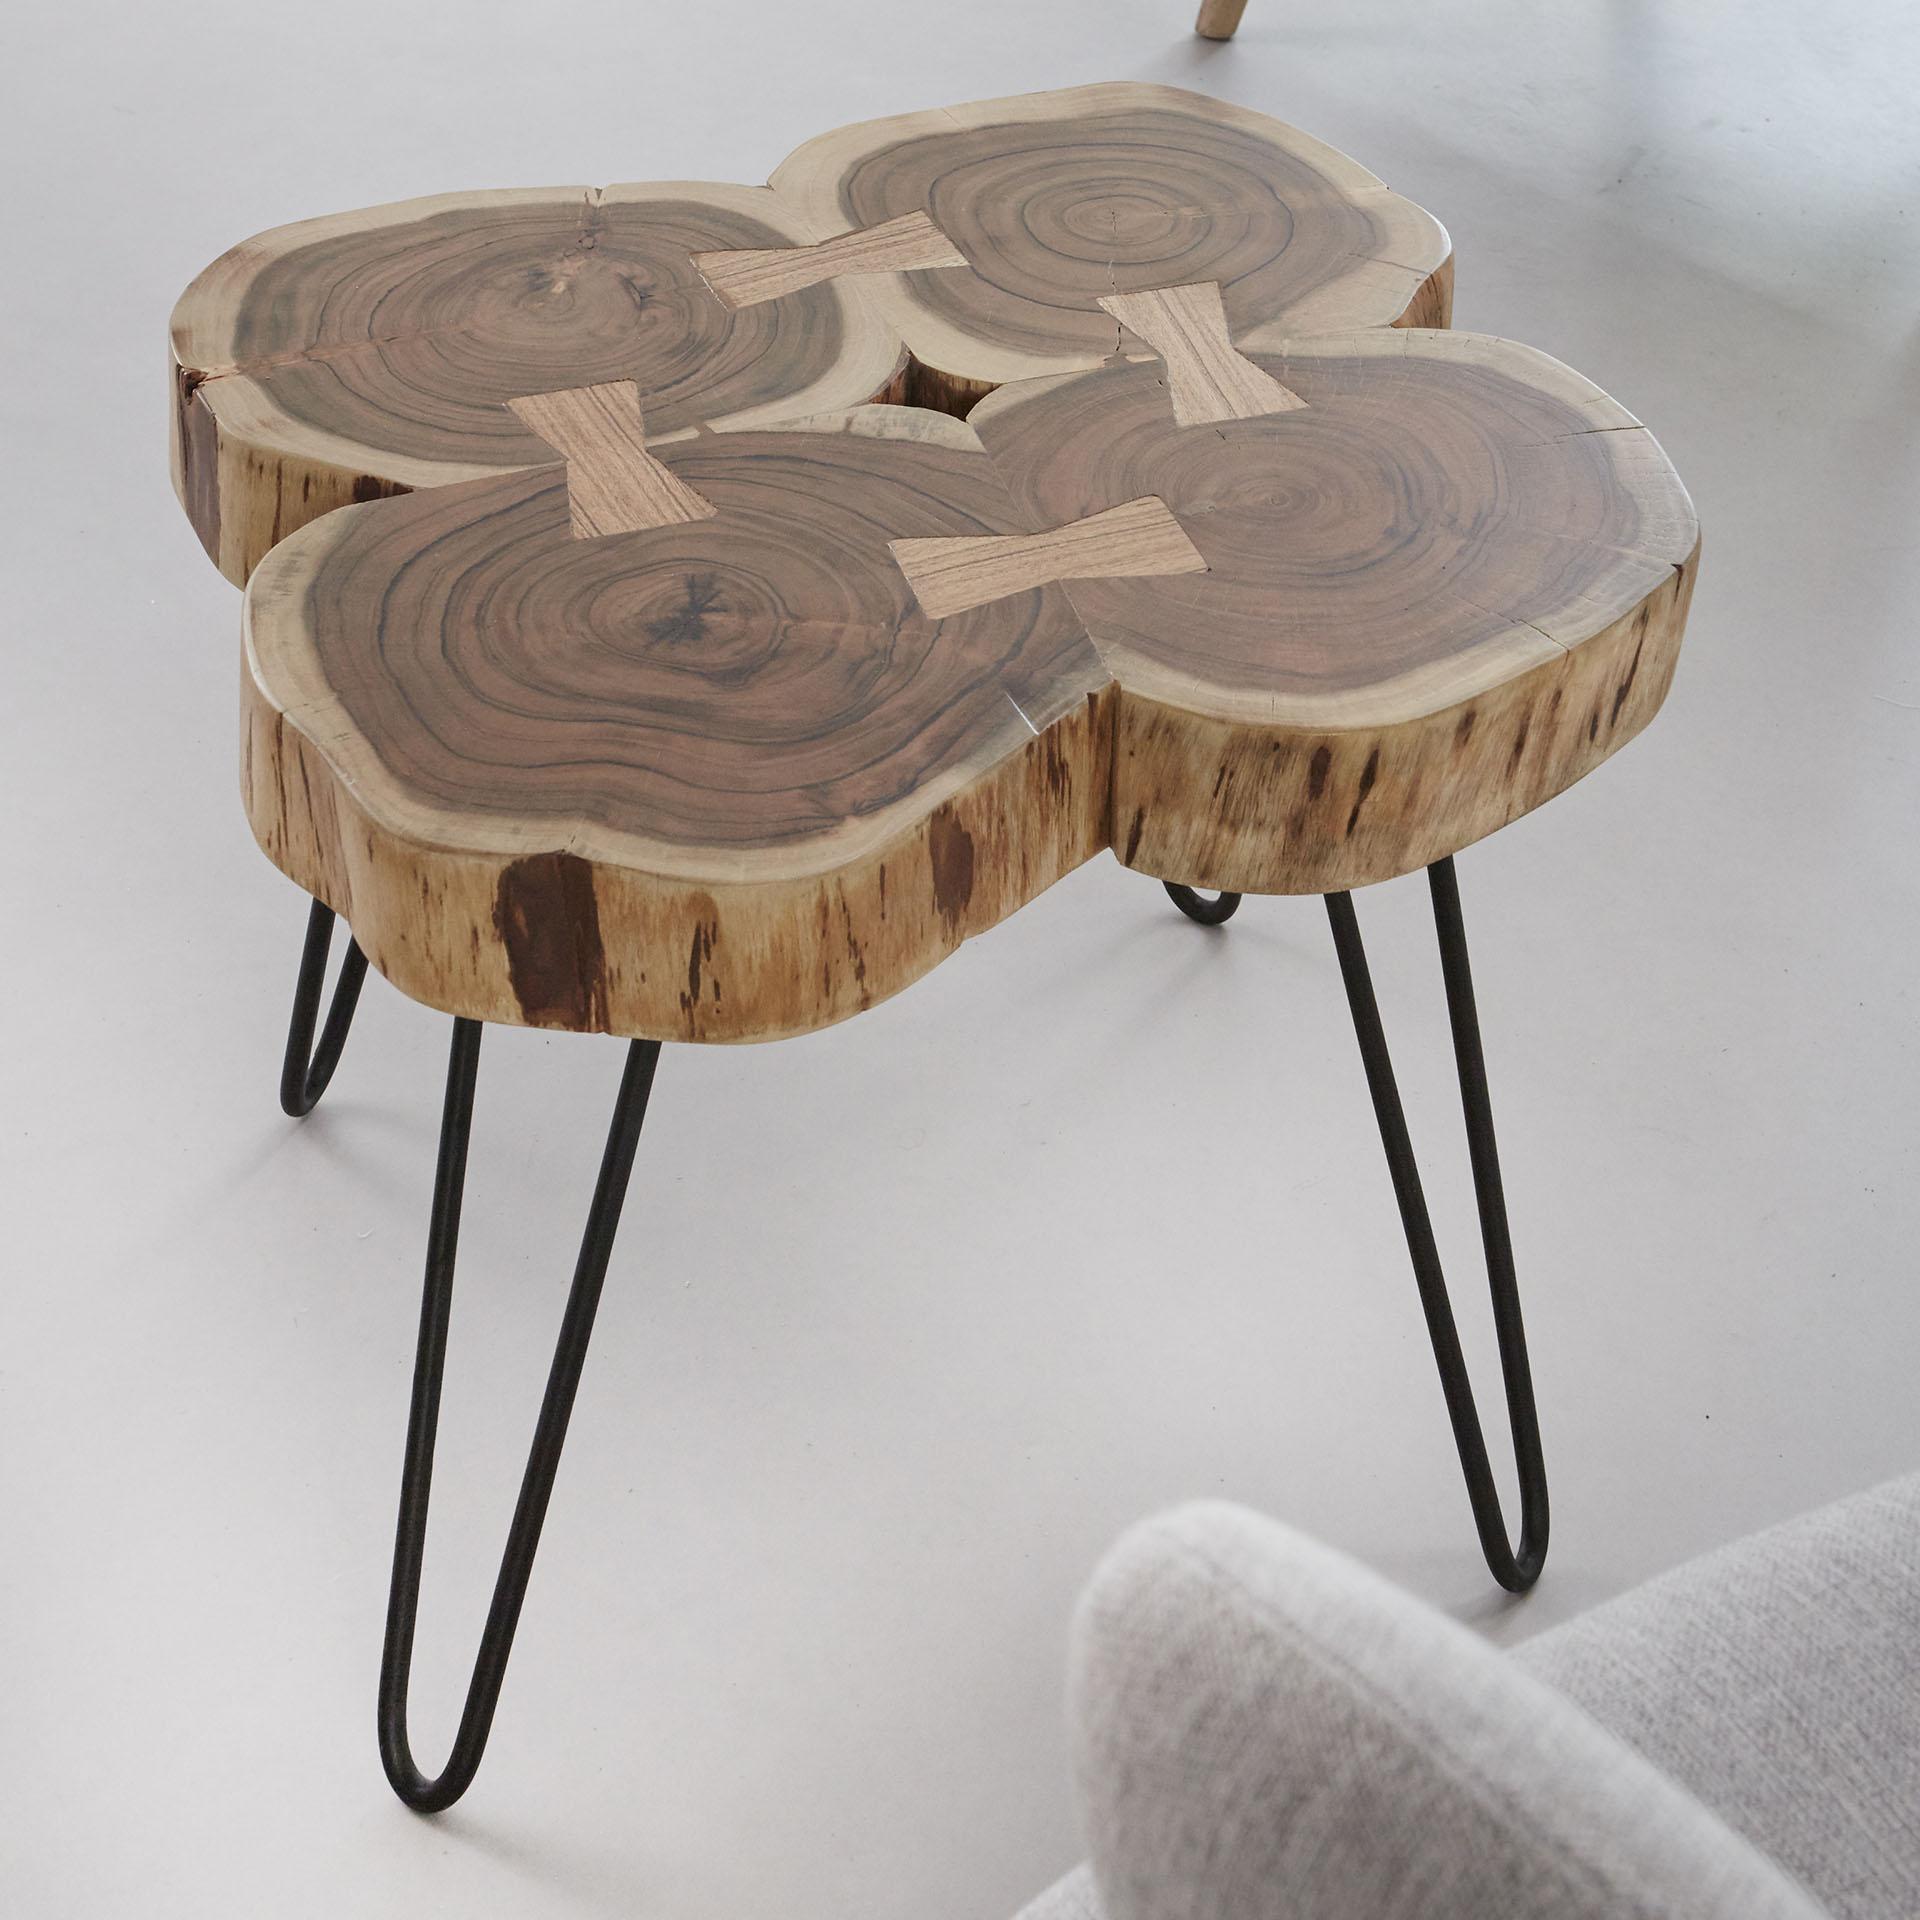 Table Basse Tronc D Arbre Acacia Canada